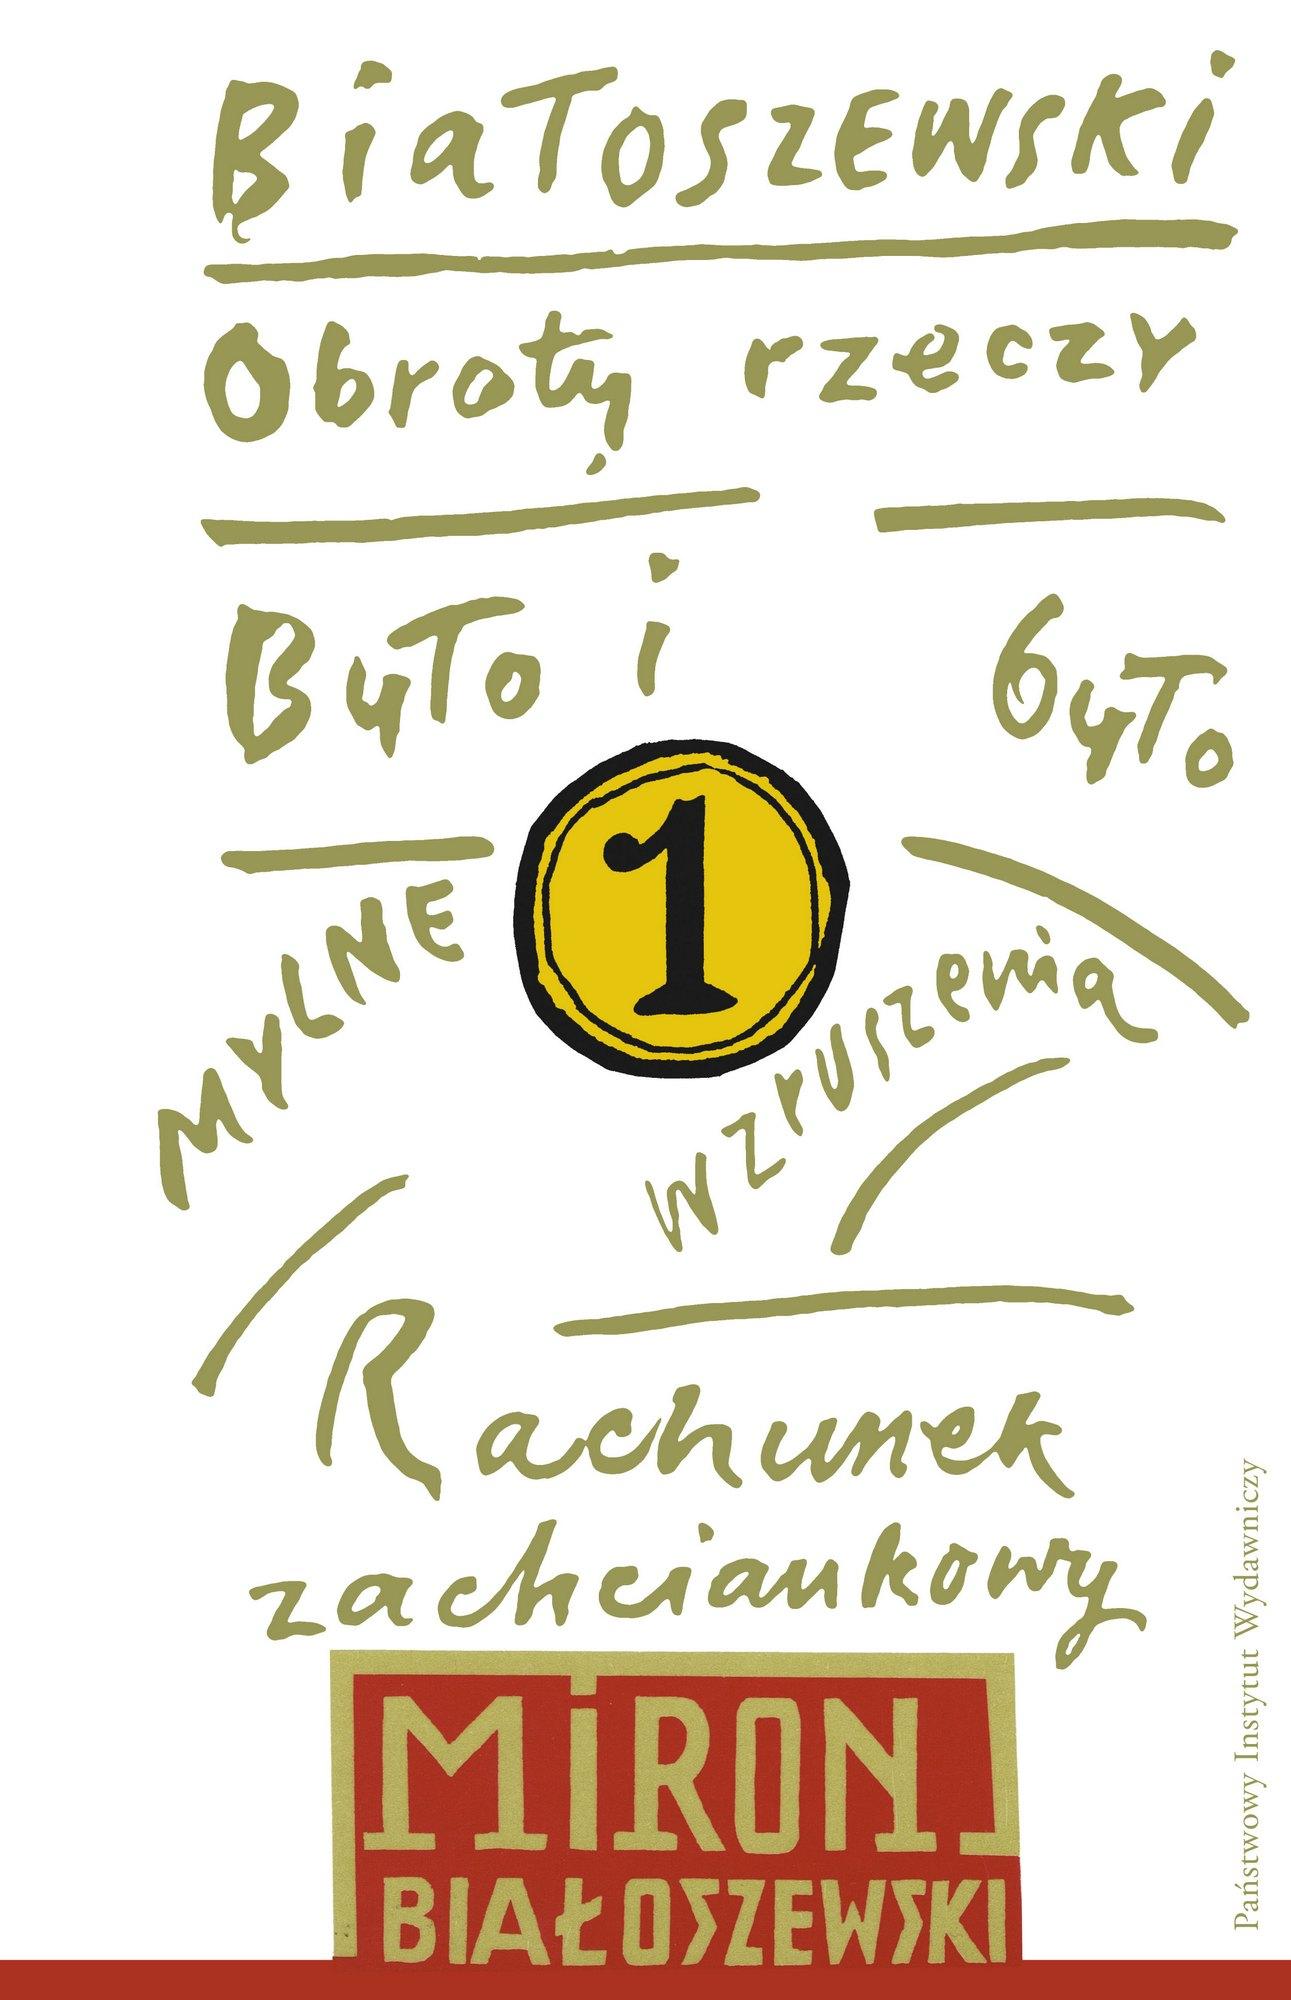 """Miron Białoszewski, """"Utwory zebrane"""", tom 1 – okładka (źródło: materiały prasowe)"""